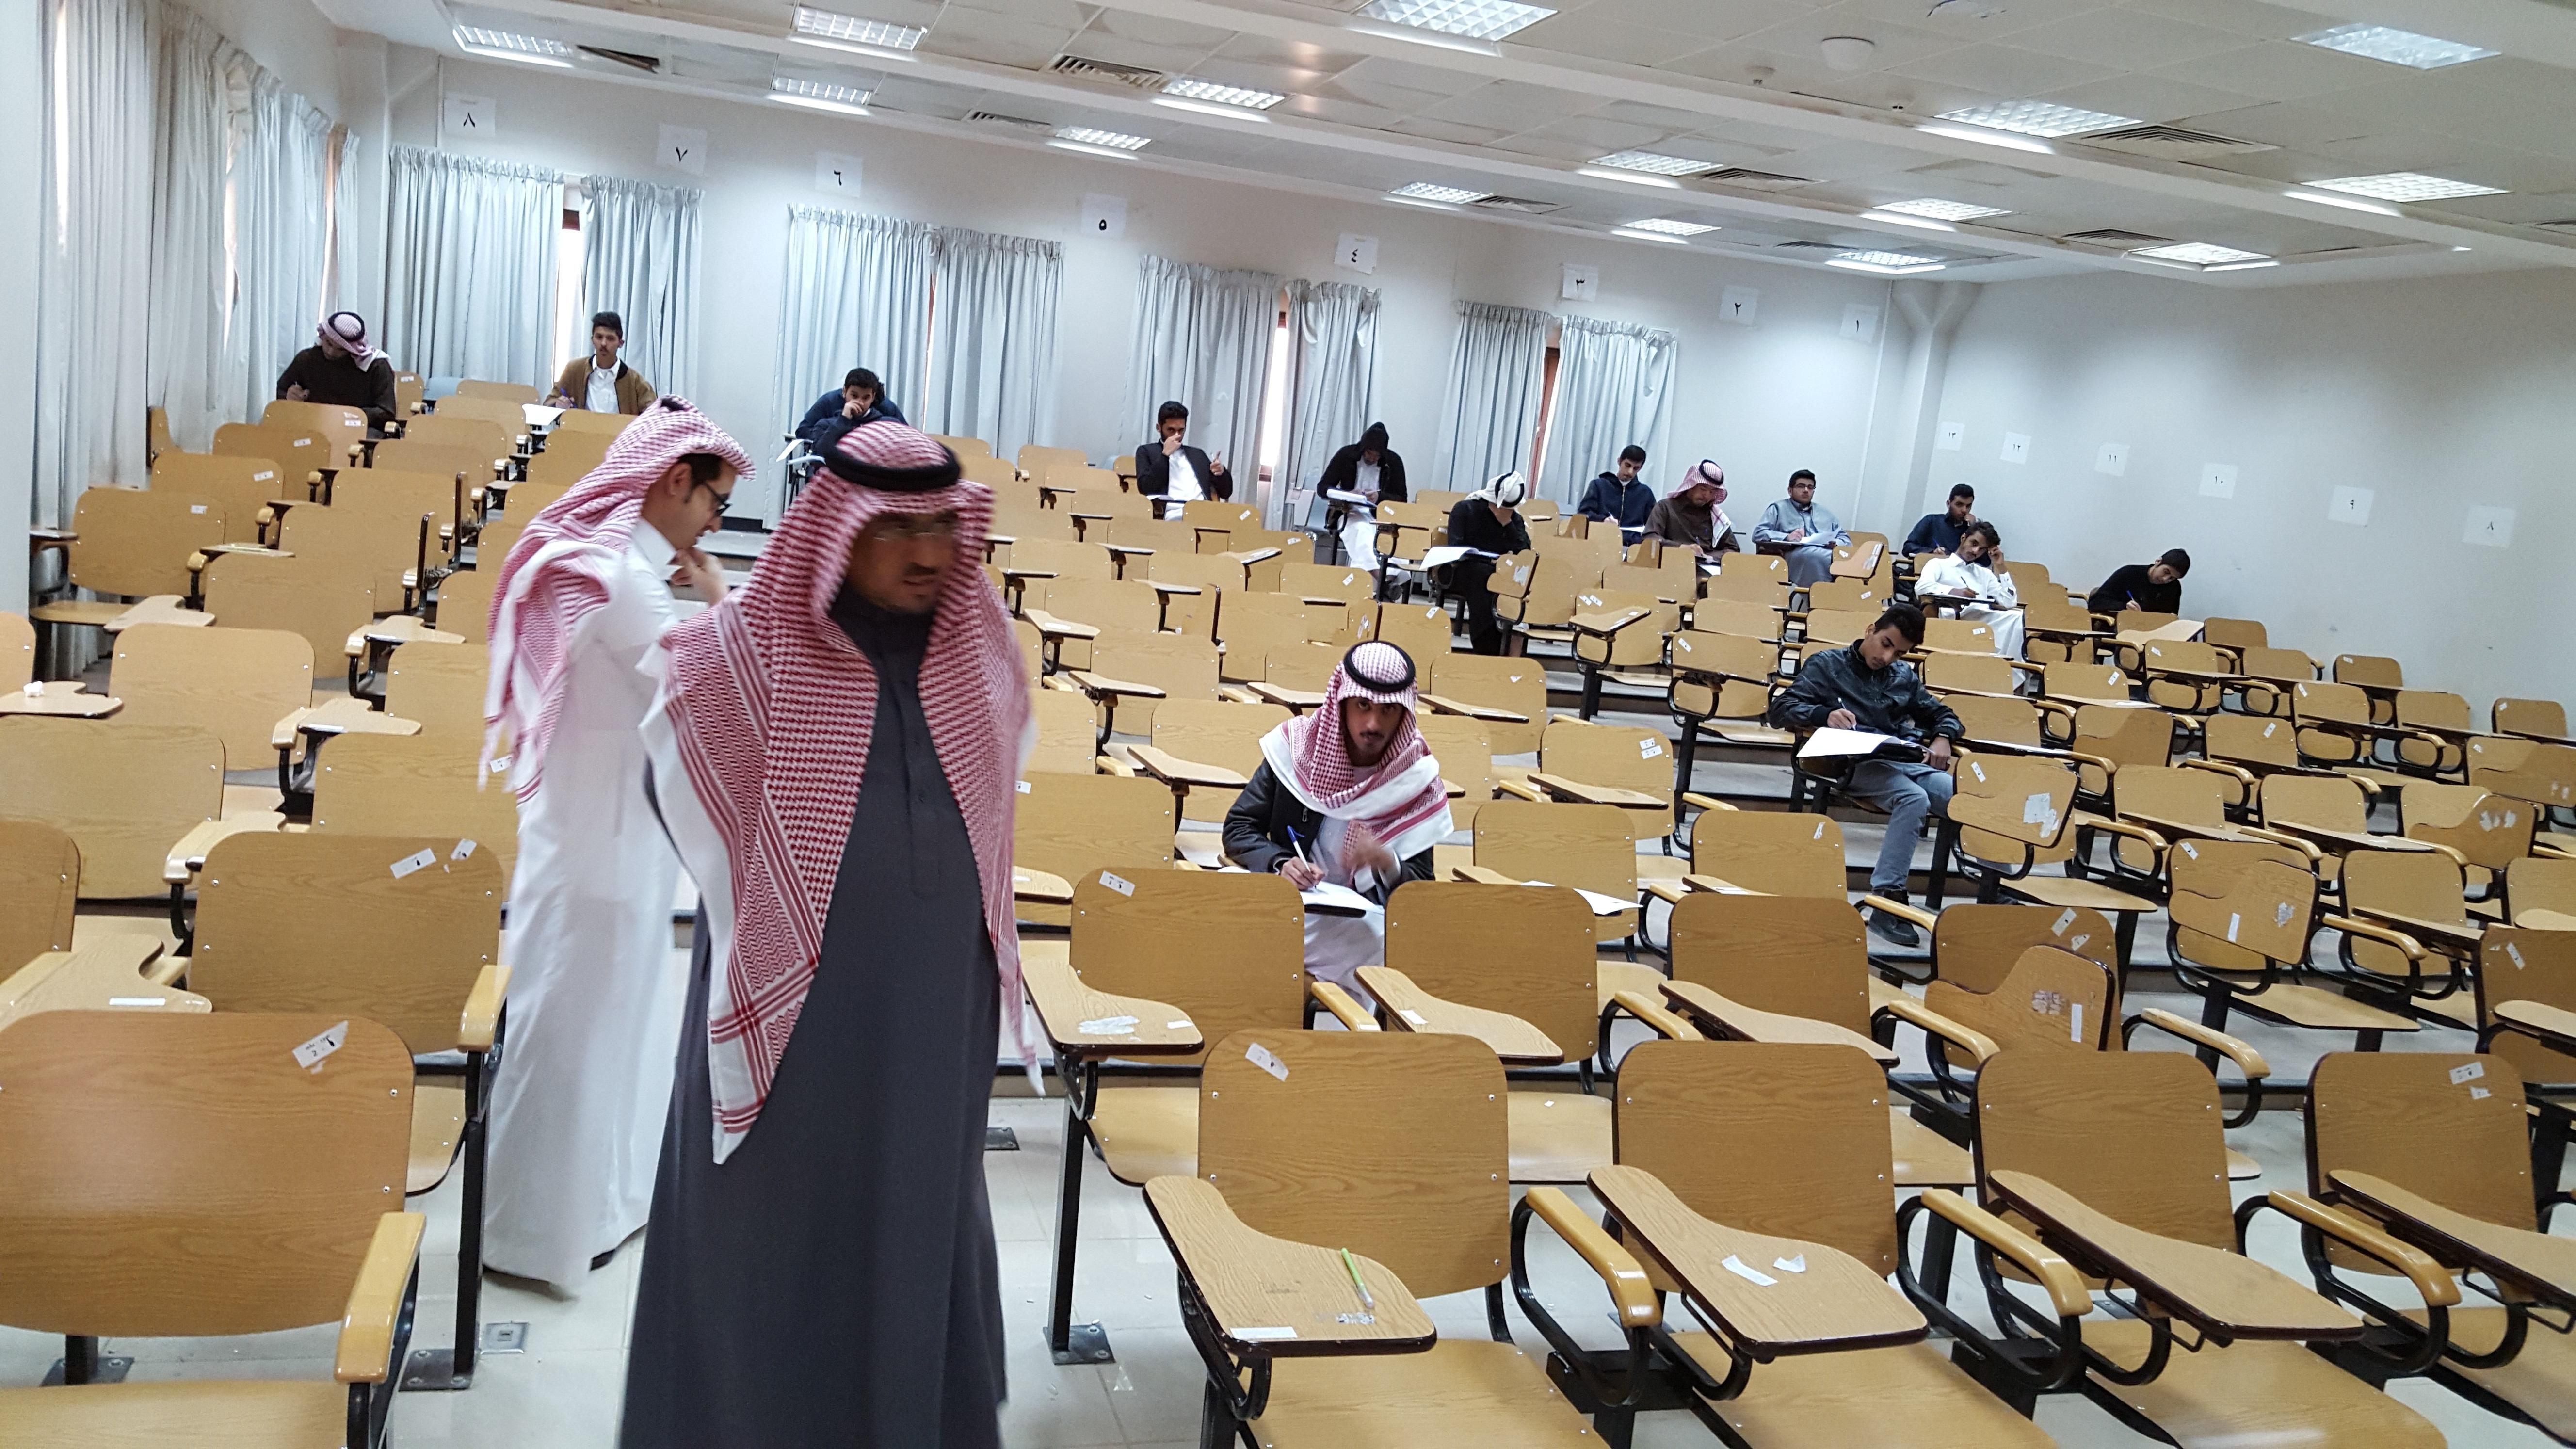 وكيل الكلية للشؤون الأكاديمية يتفقد سير الاختبارات النهائية